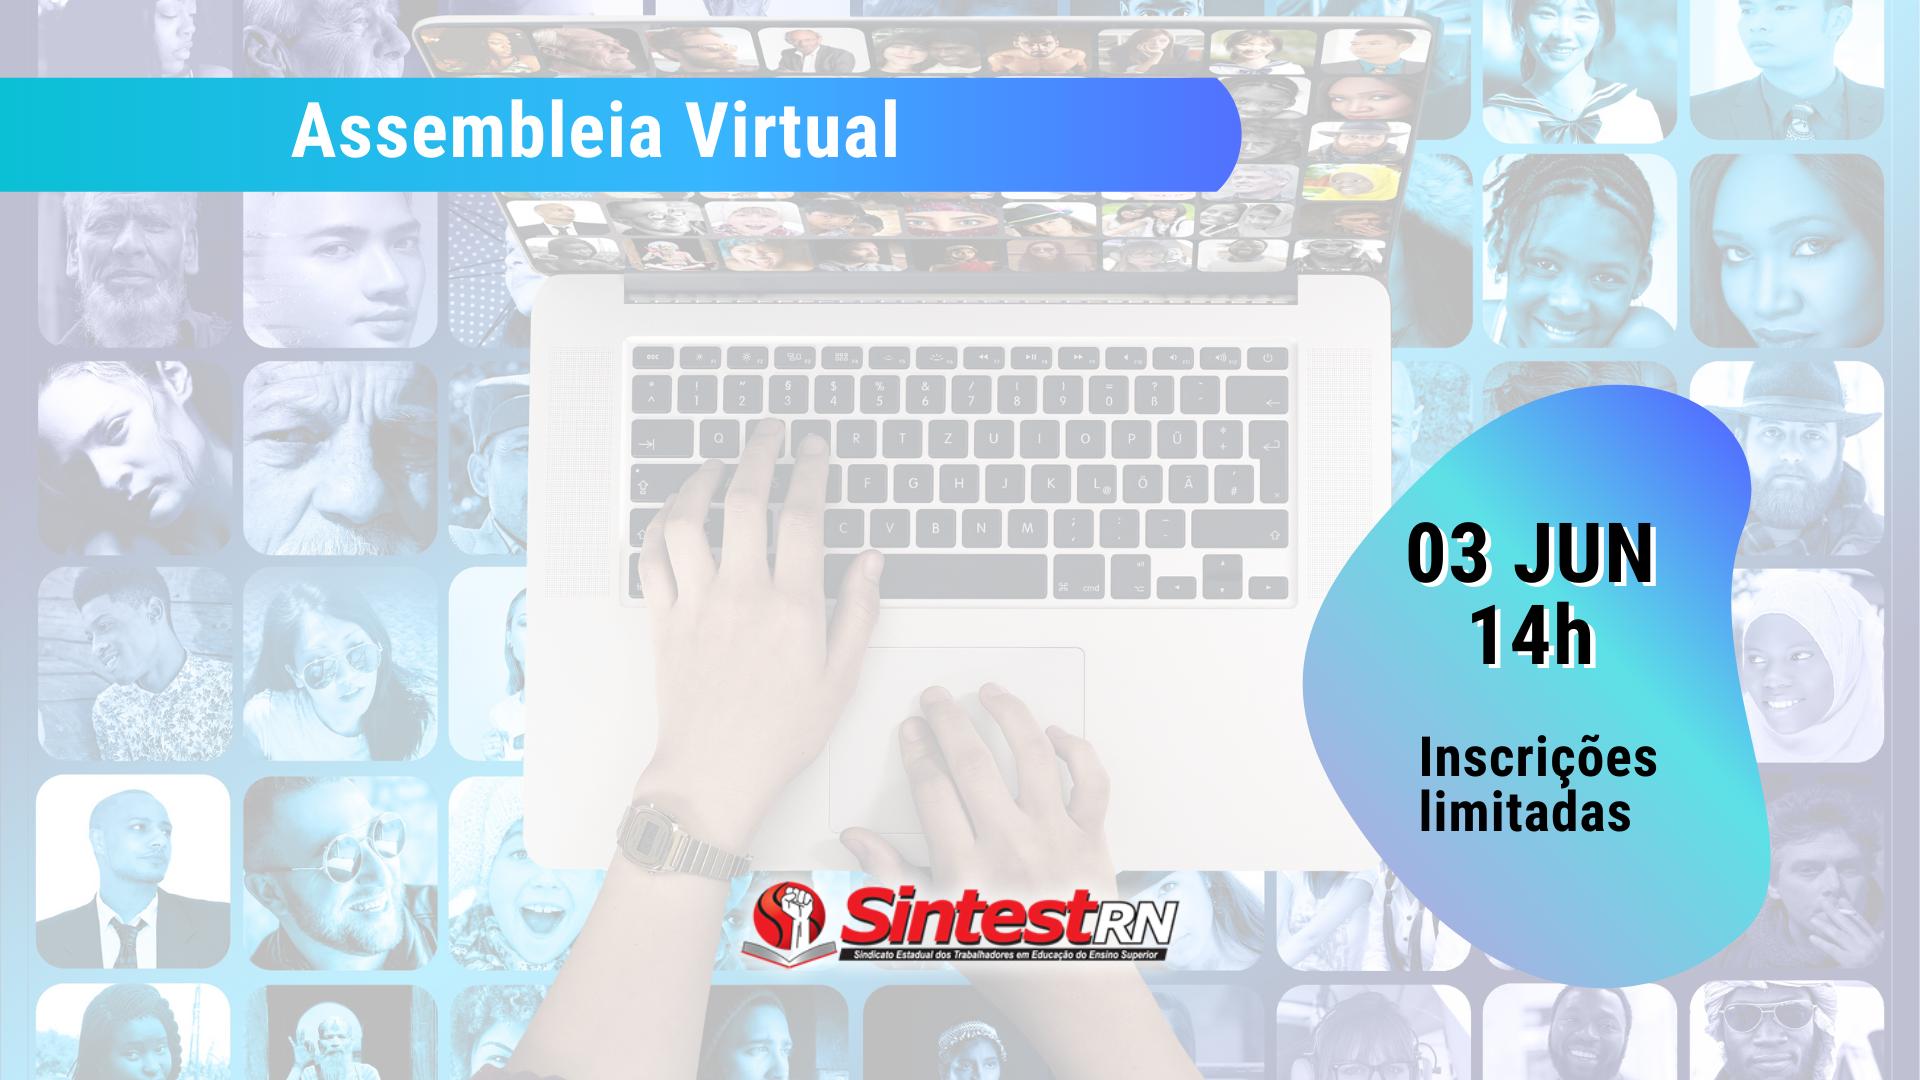 Assembleia virtual acontecerá dia 03 de junho